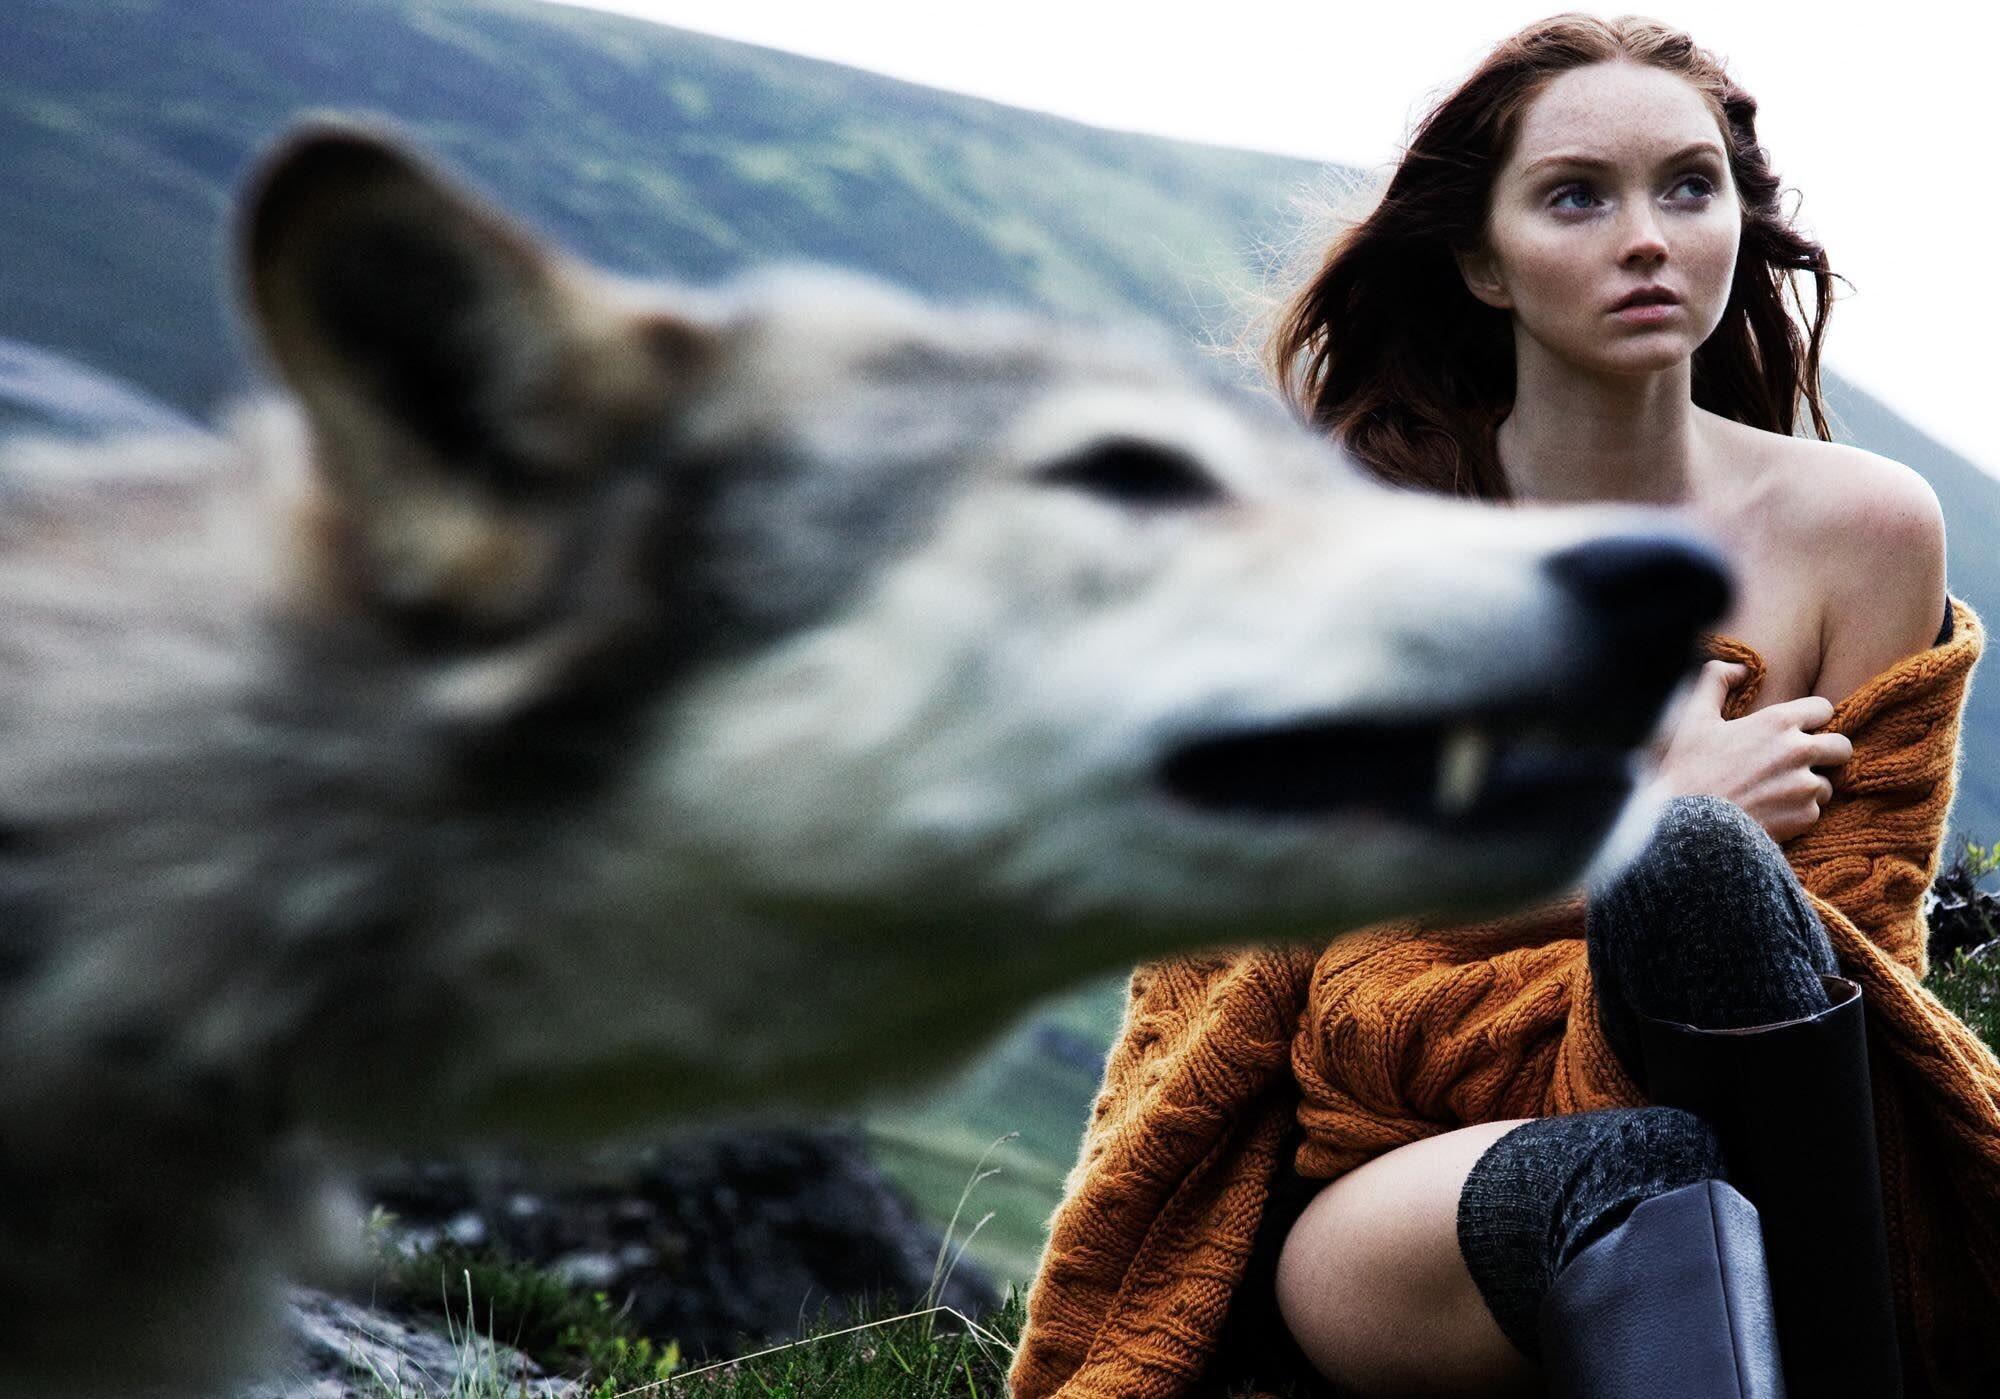 «Сказки высокогорья». Лили Коул, 2010. Фотограф Олаф Випперфюрт